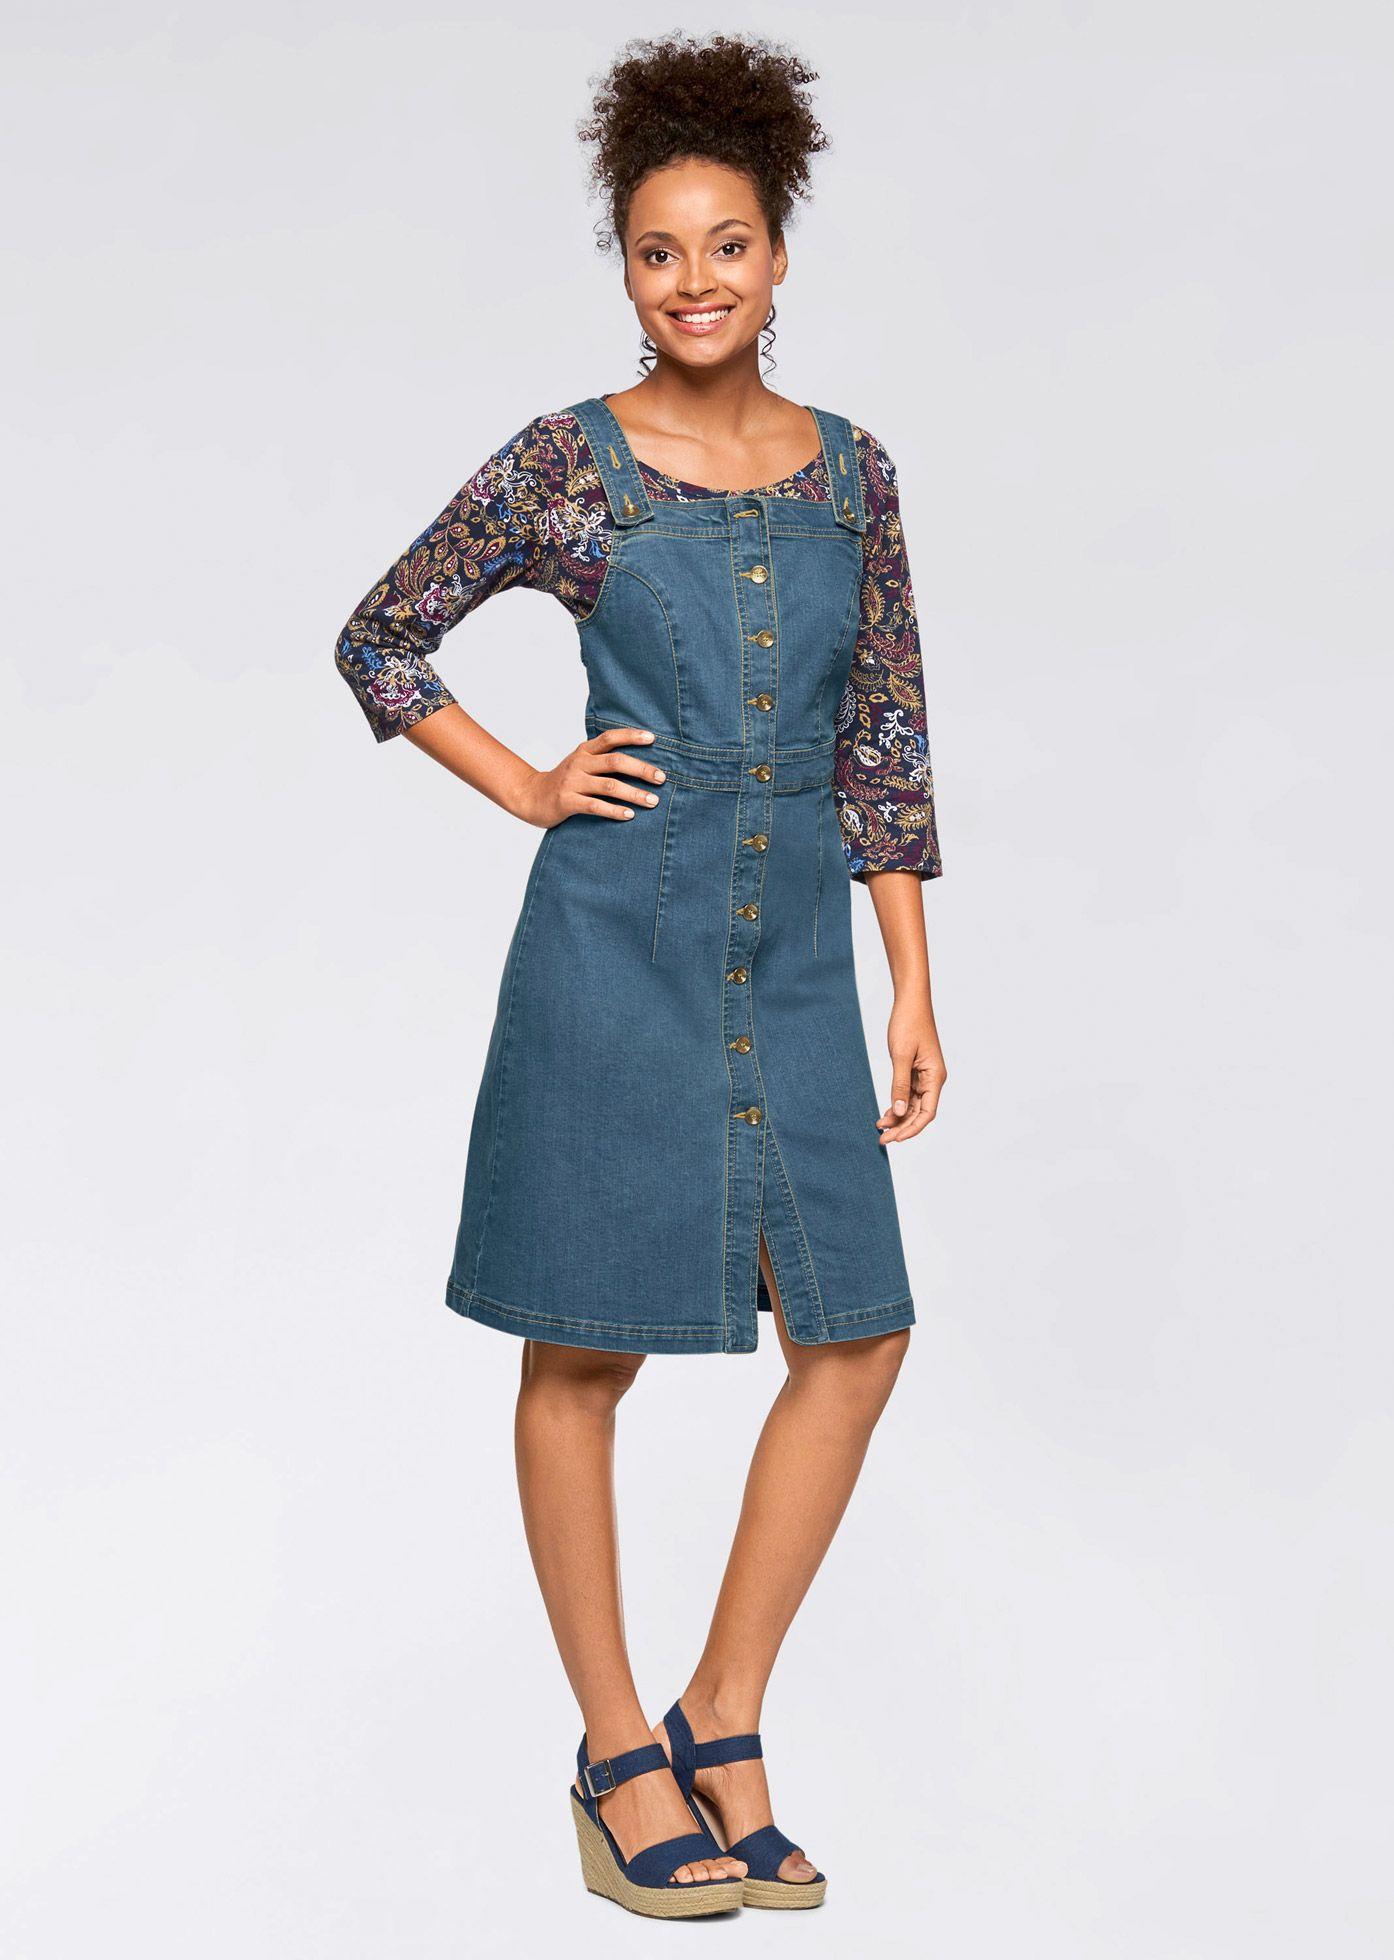 Legeres Kleid mit Knopfleiste   Jeans kleid, Stretch jeans und John ...